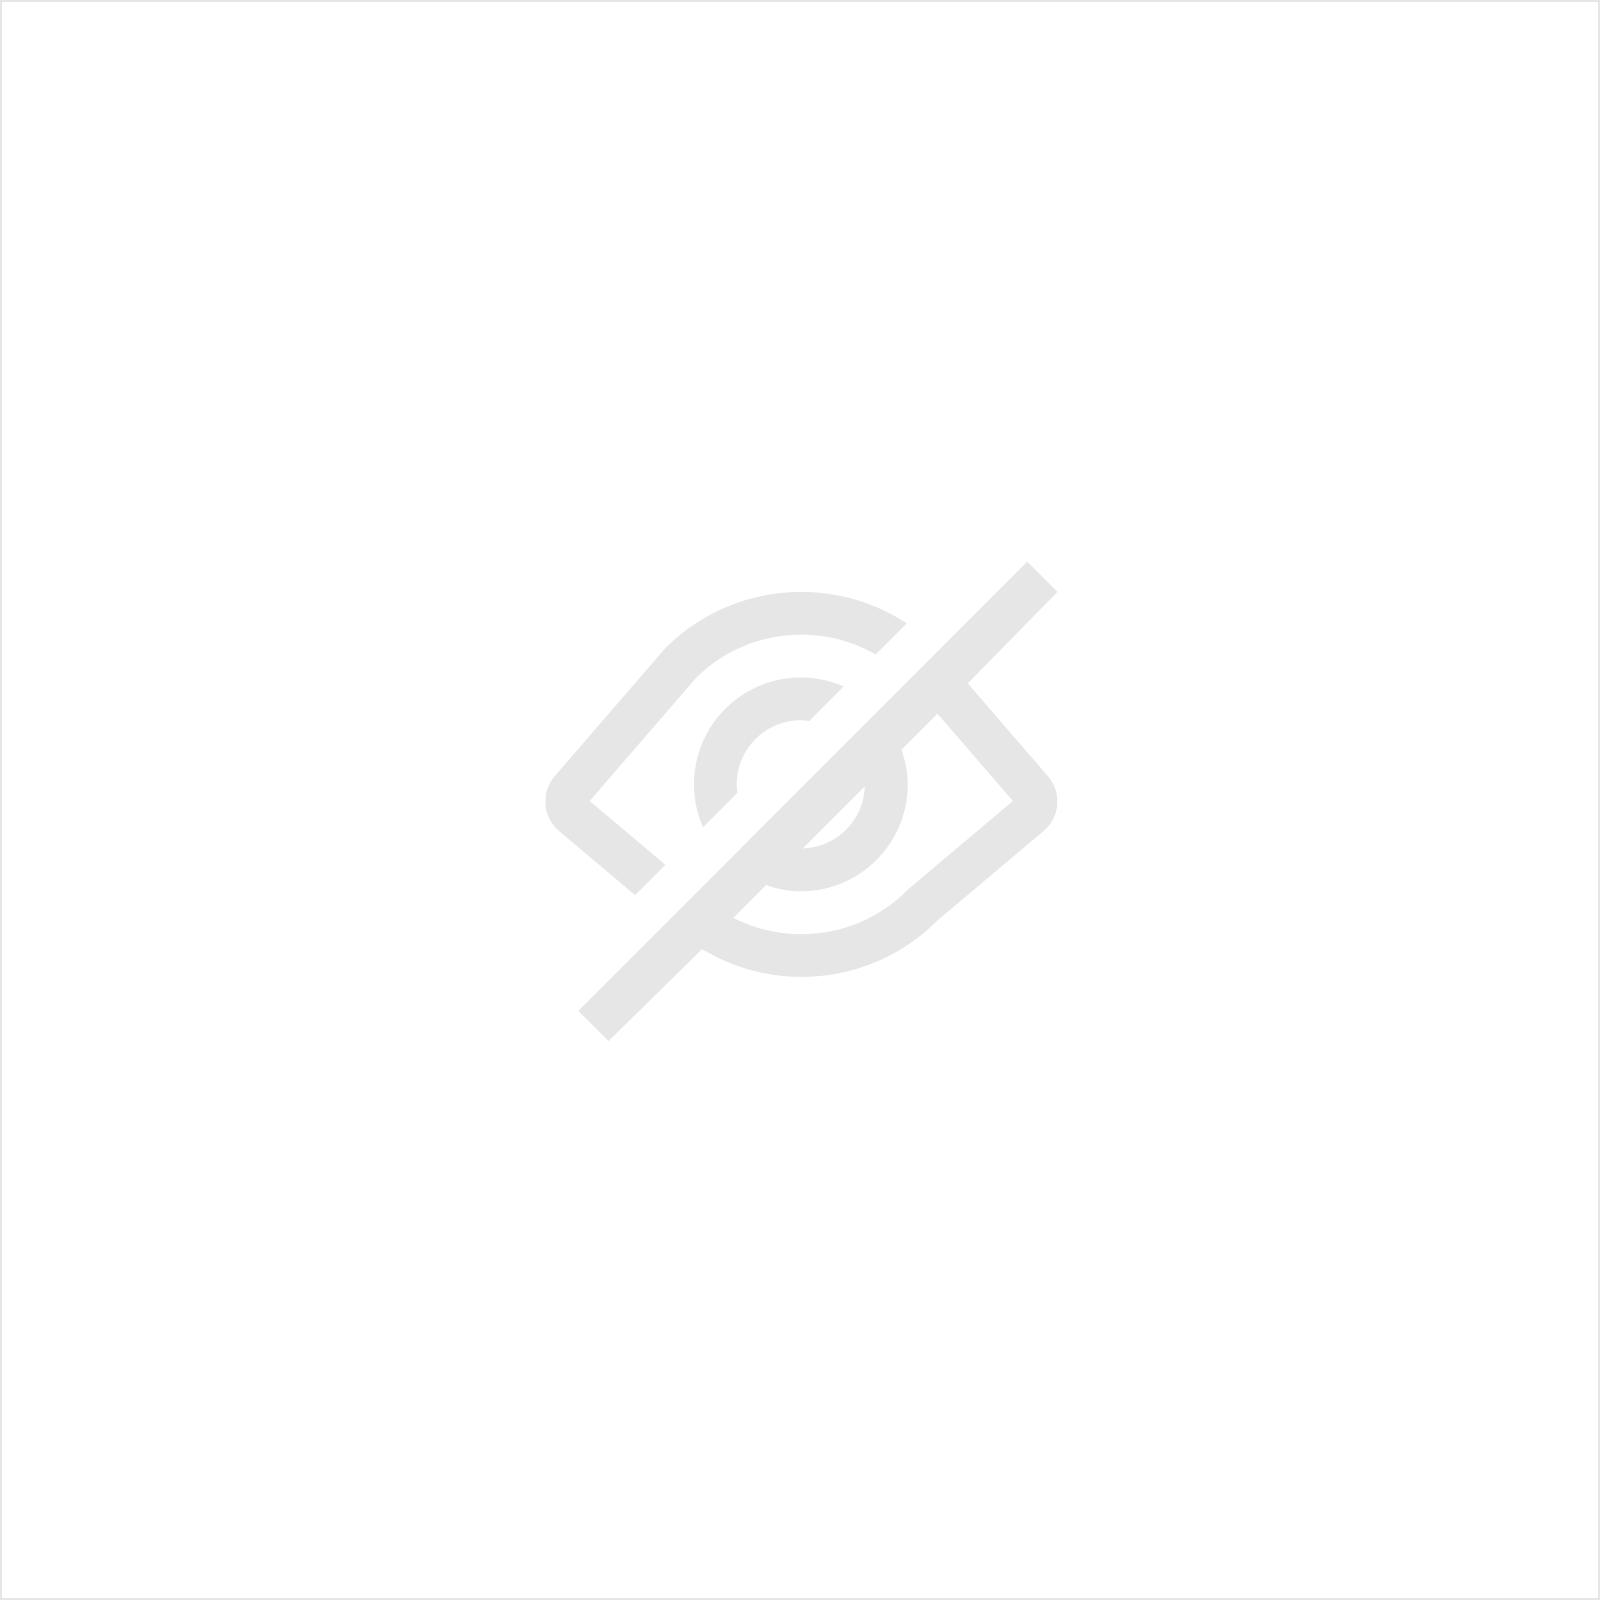 ZELFKLEVEND SCHUURPAPIER P240 - 70 MM x 25 METER